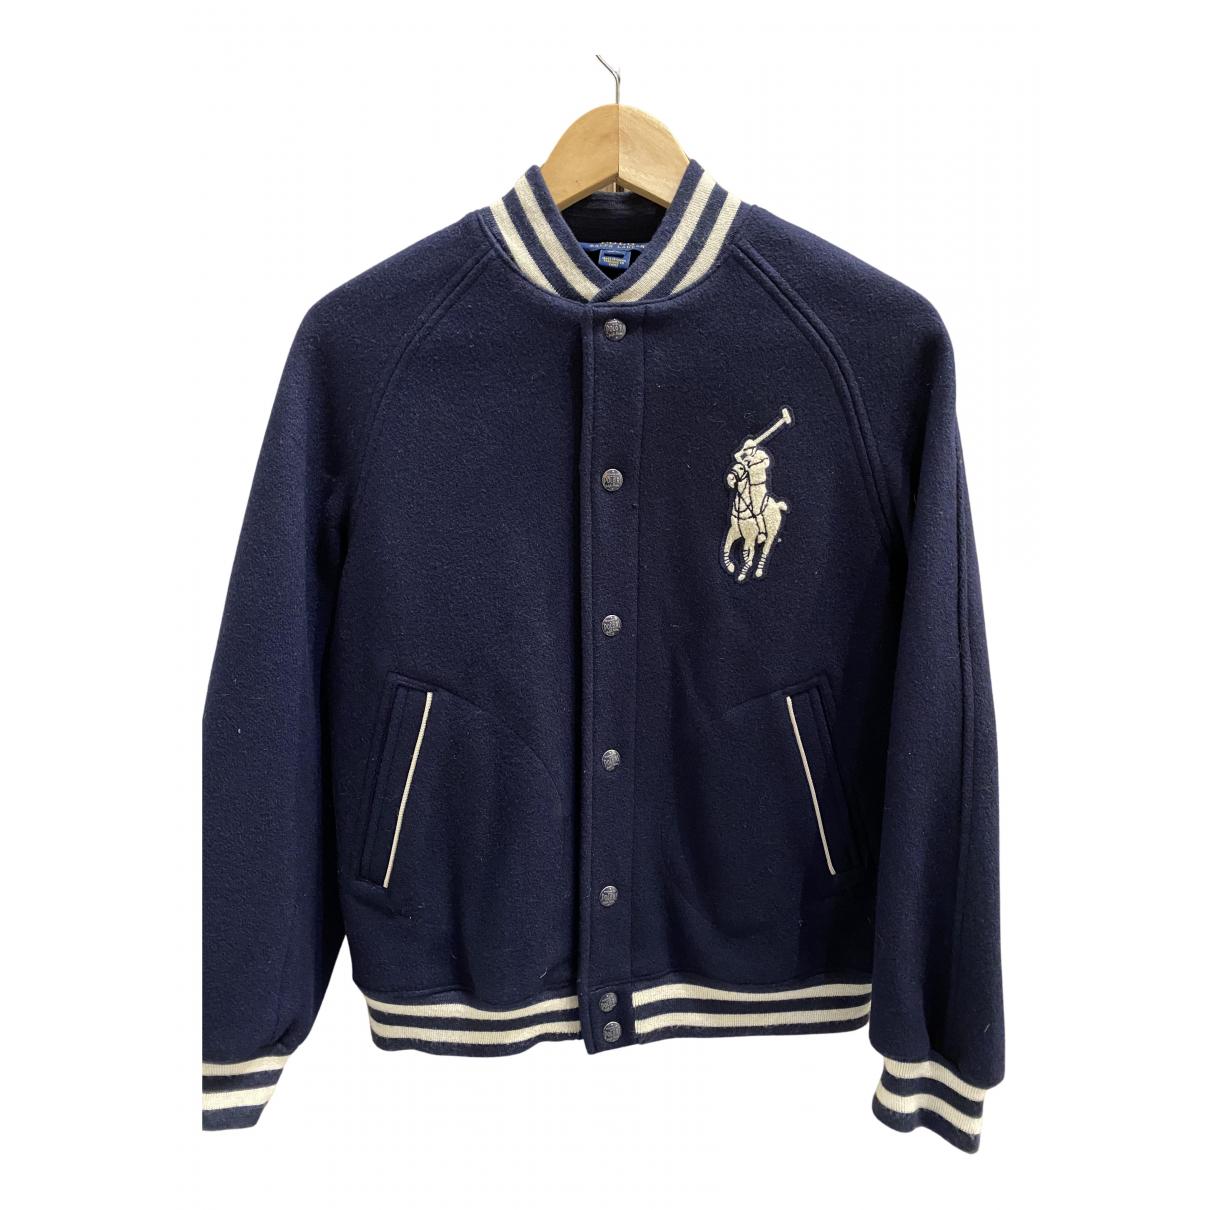 Polo Ralph Lauren - Blousons.Manteaux   pour enfant en laine - bleu